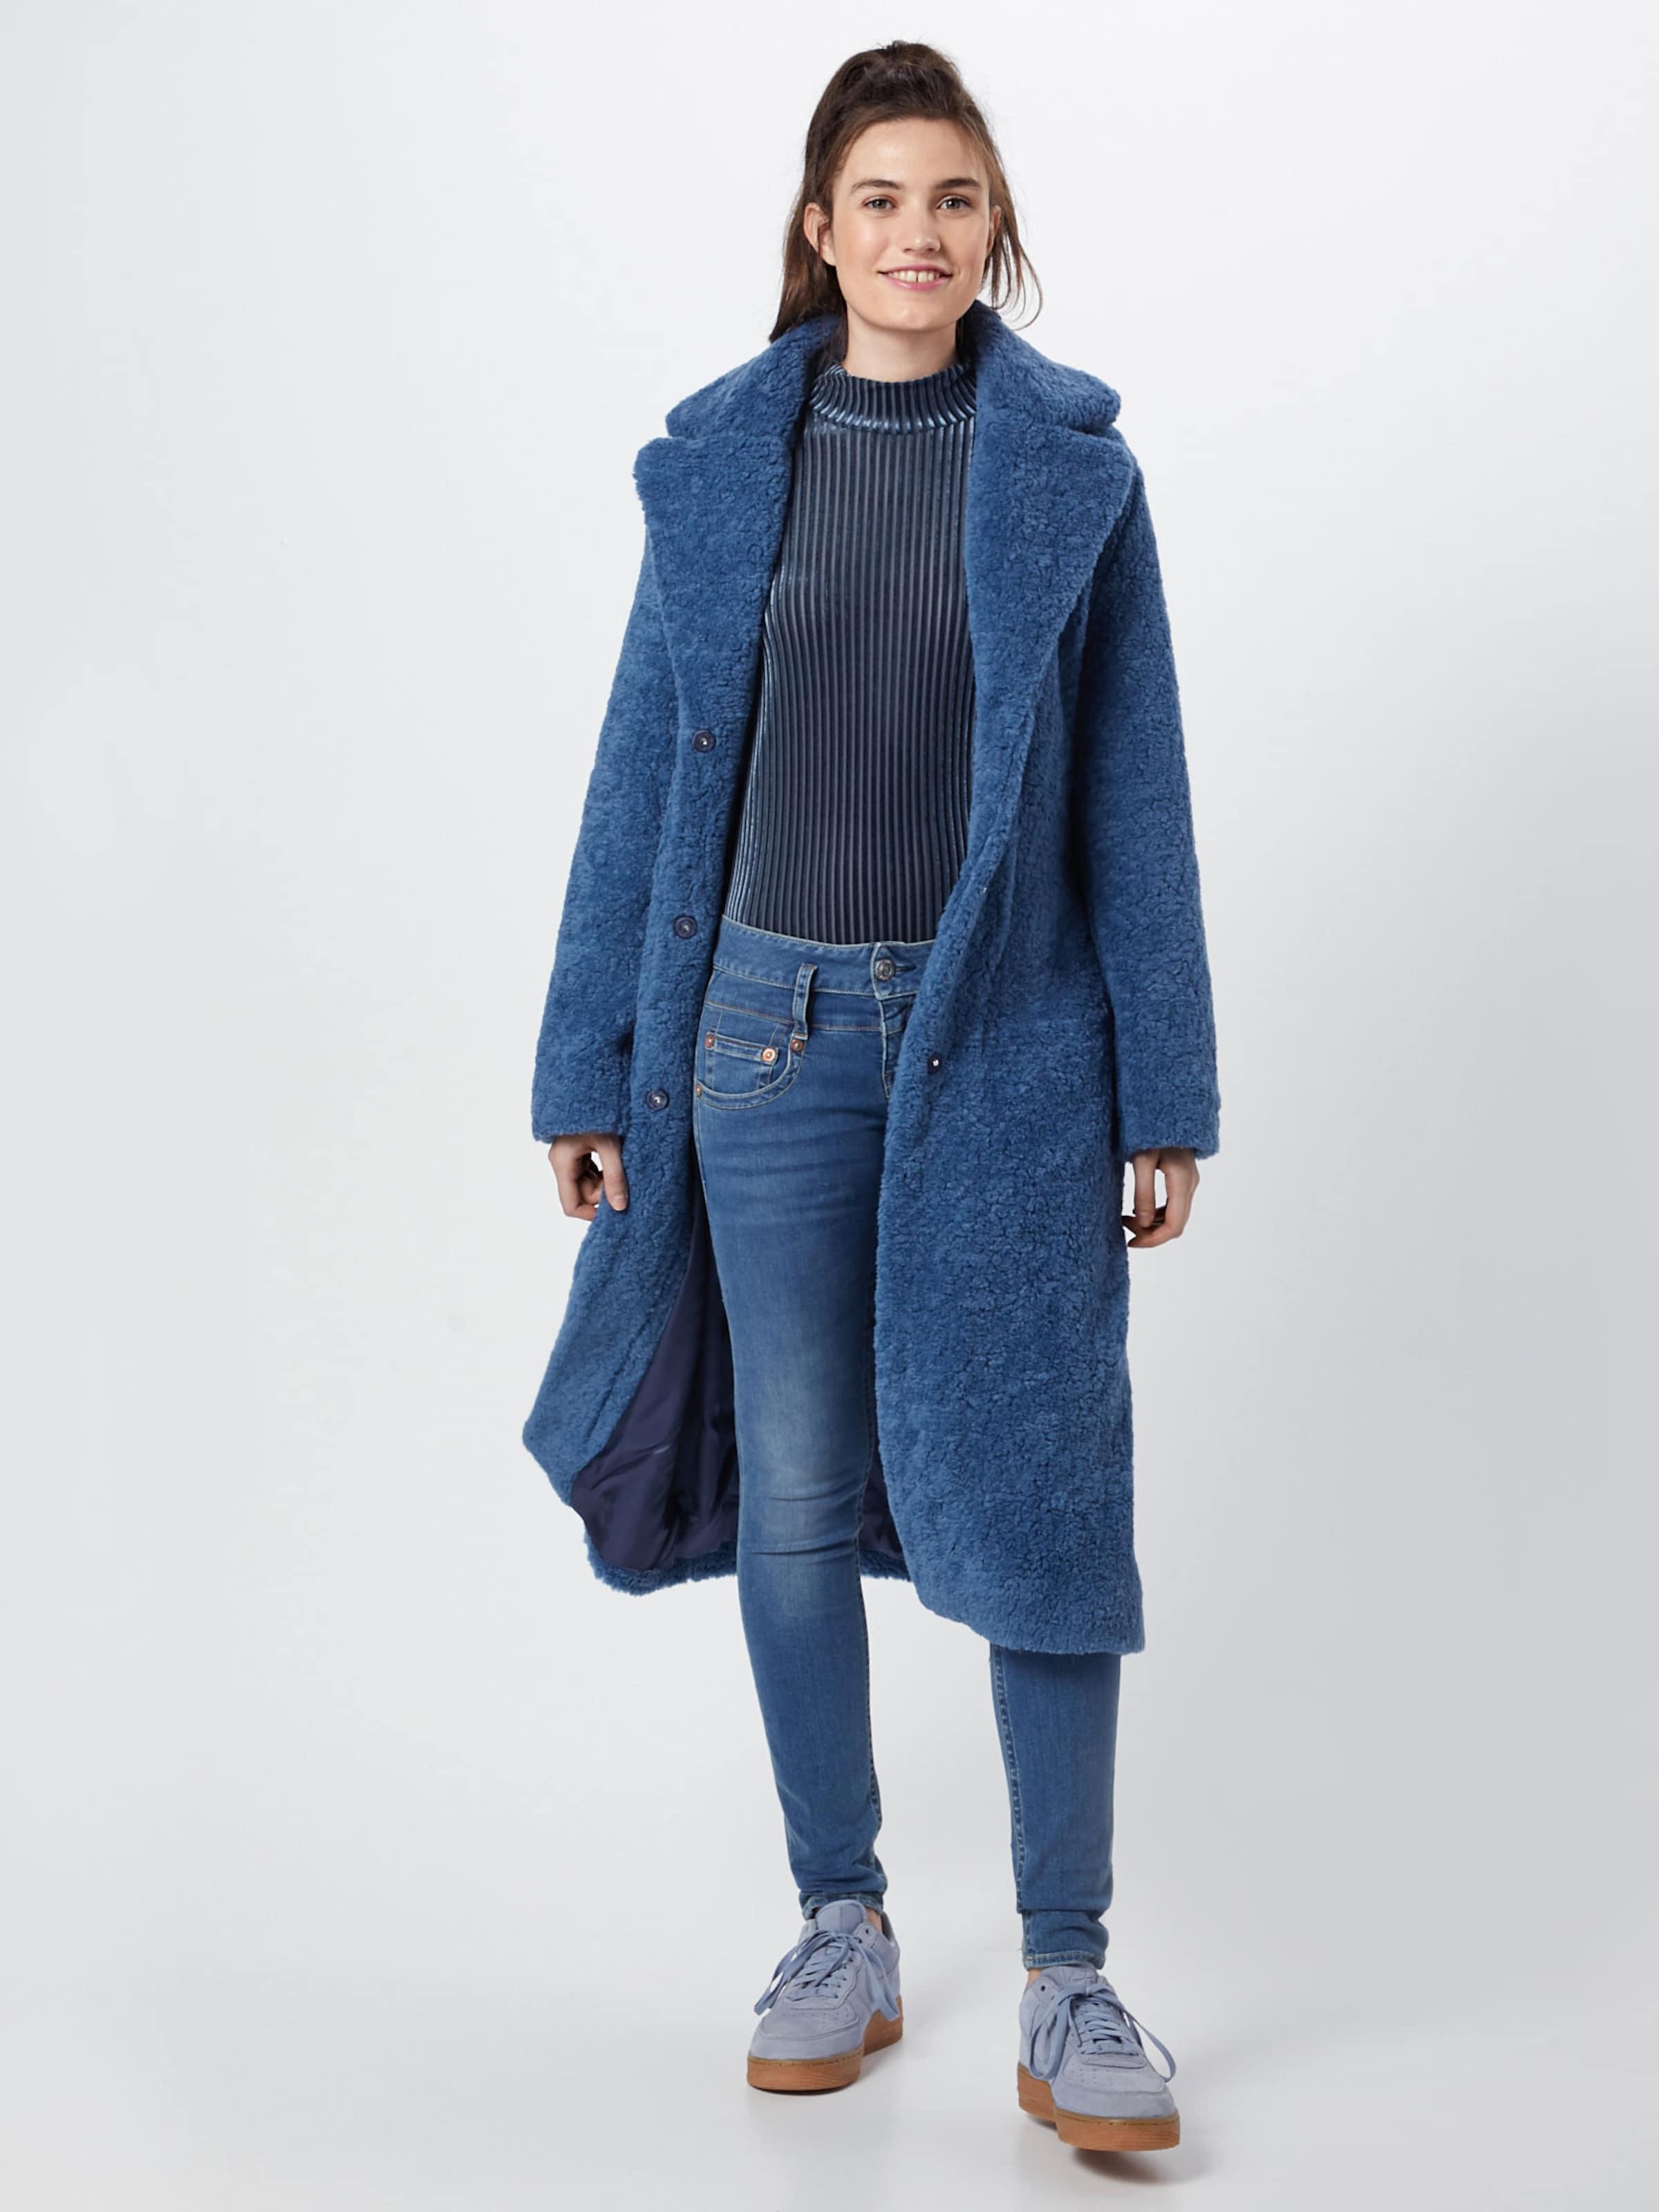 'pitch' Jeans Herrlicher Blau Herrlicher 'pitch' In Jeans xBdCeWro